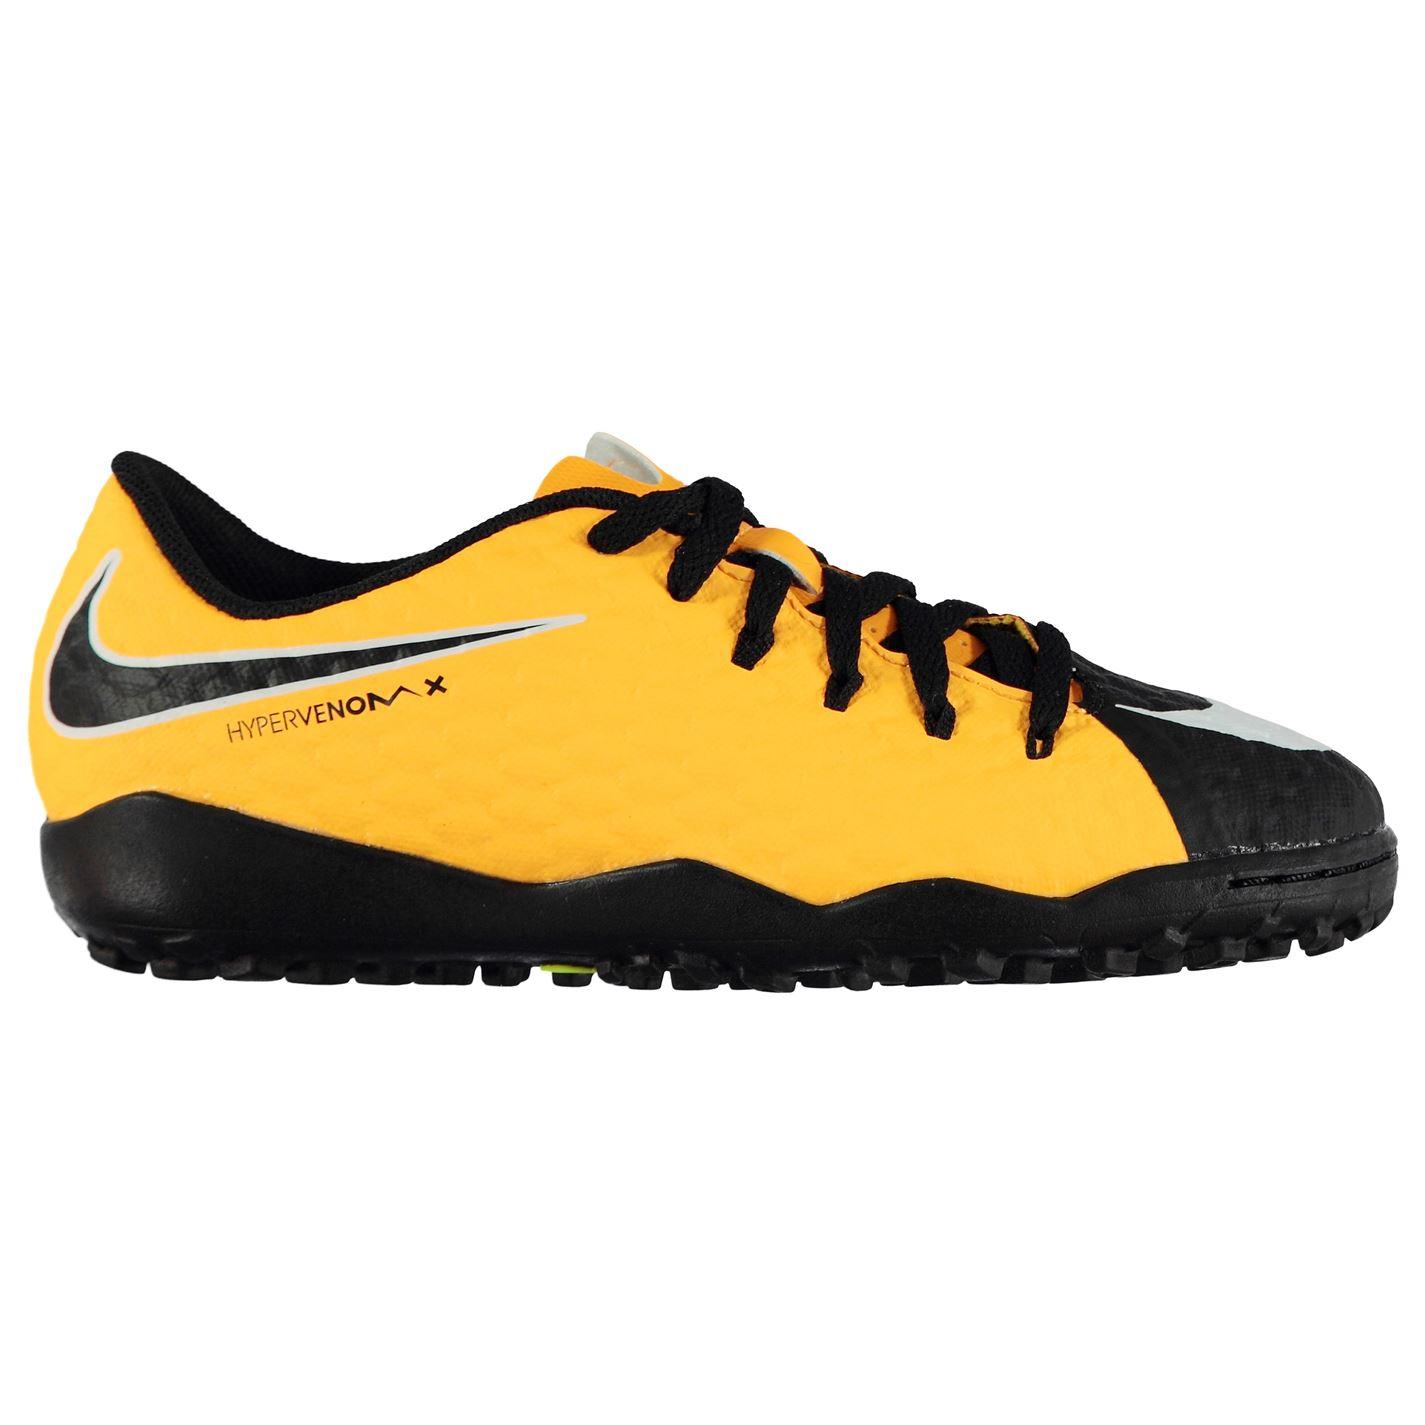 f50a201d27d Nike hypervenom phad astro turf trainers levně | Blesk zboží